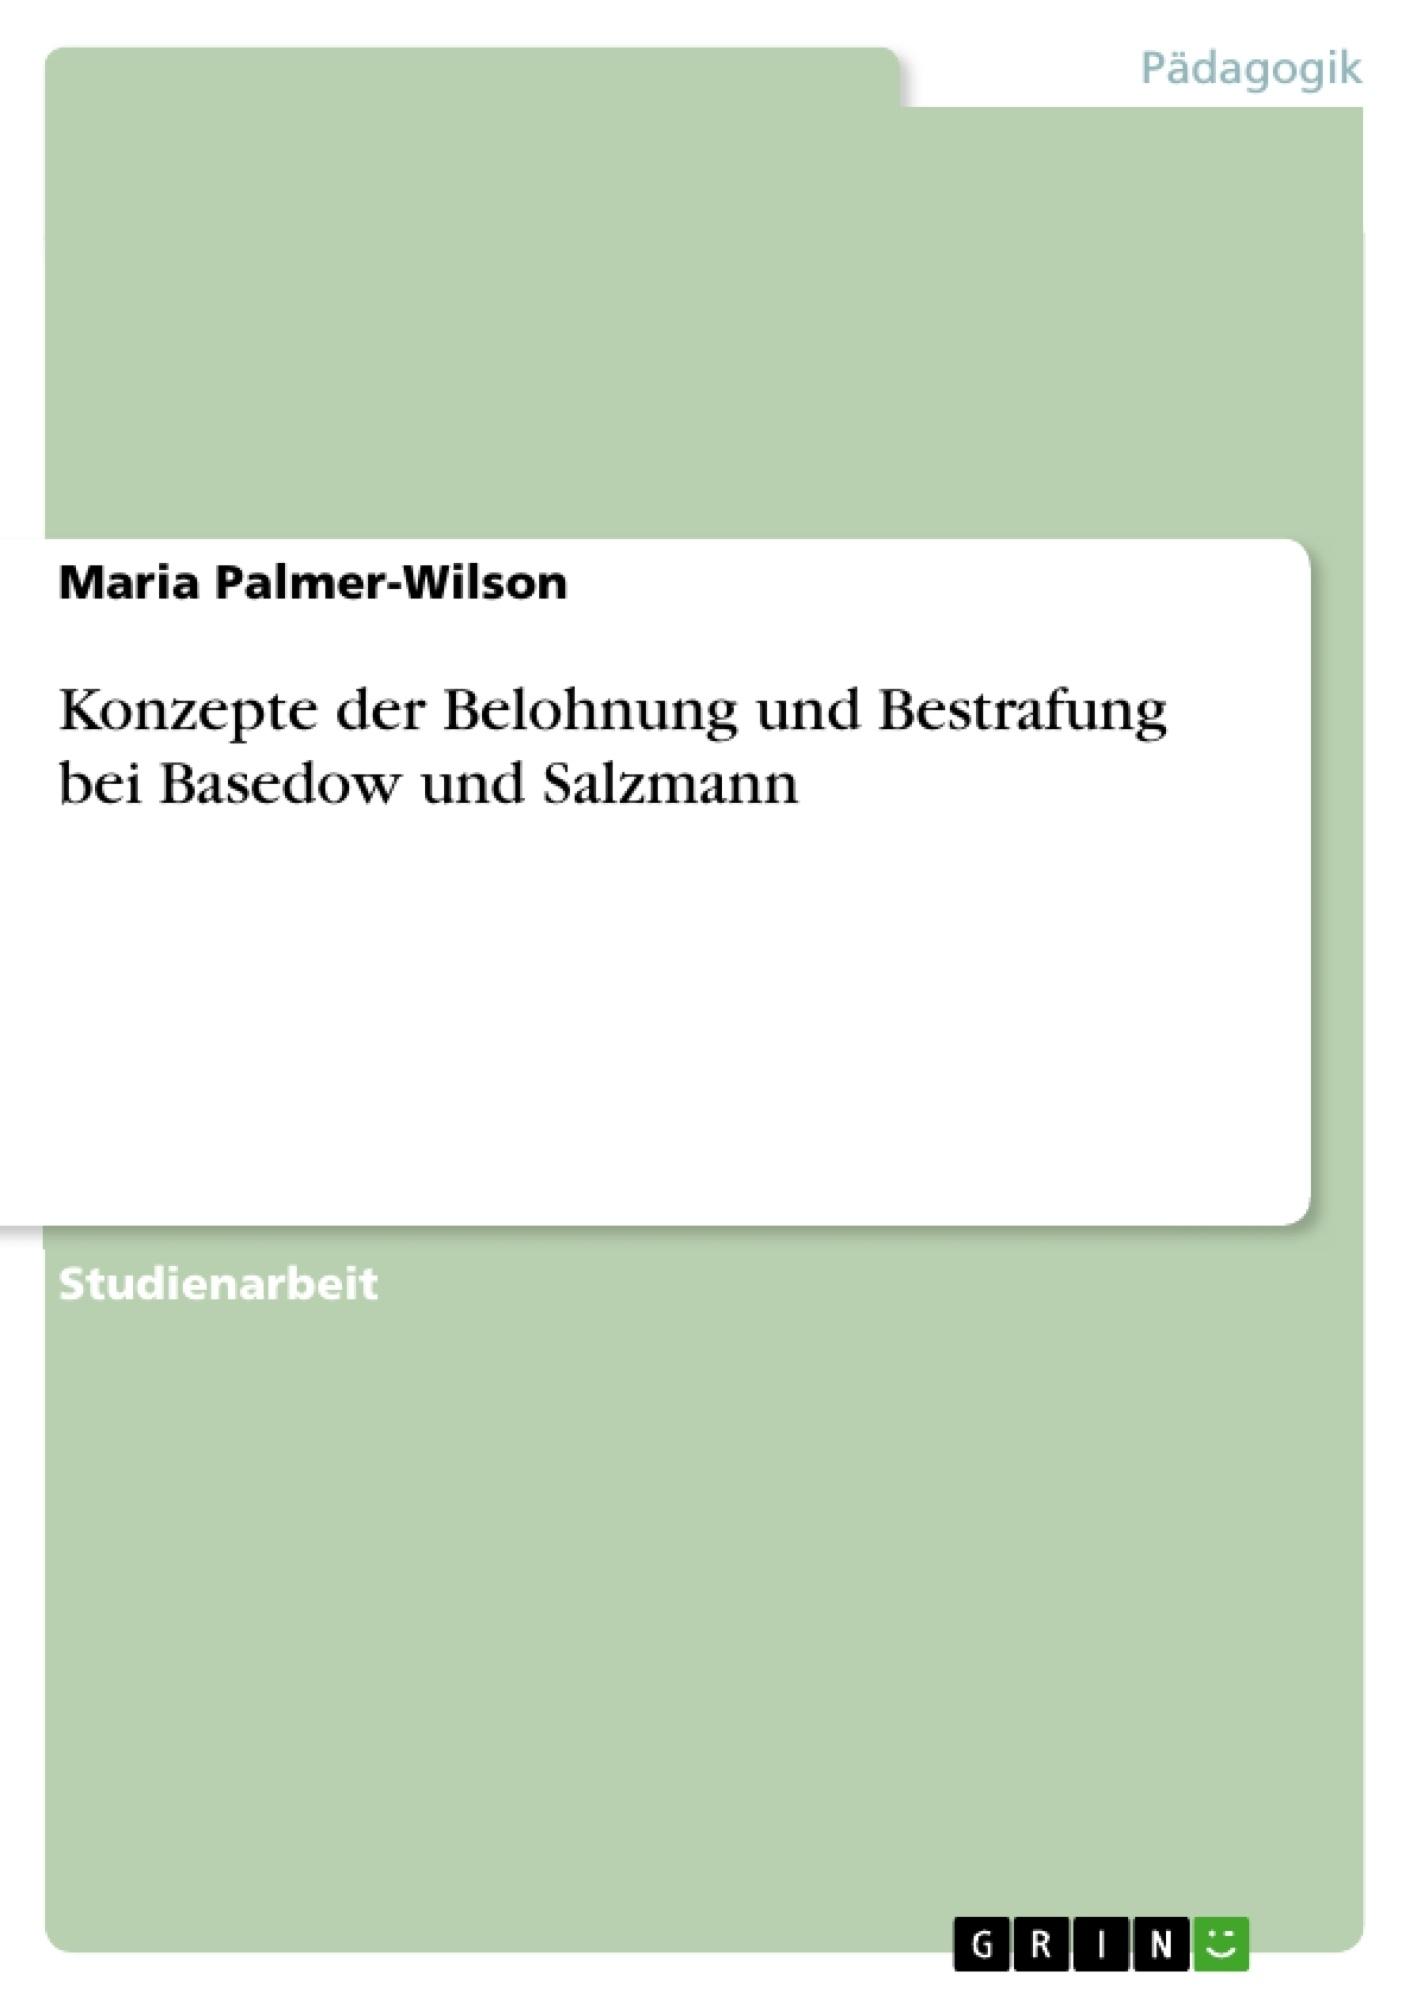 Titel: Konzepte der Belohnung und Bestrafung bei Basedow und Salzmann